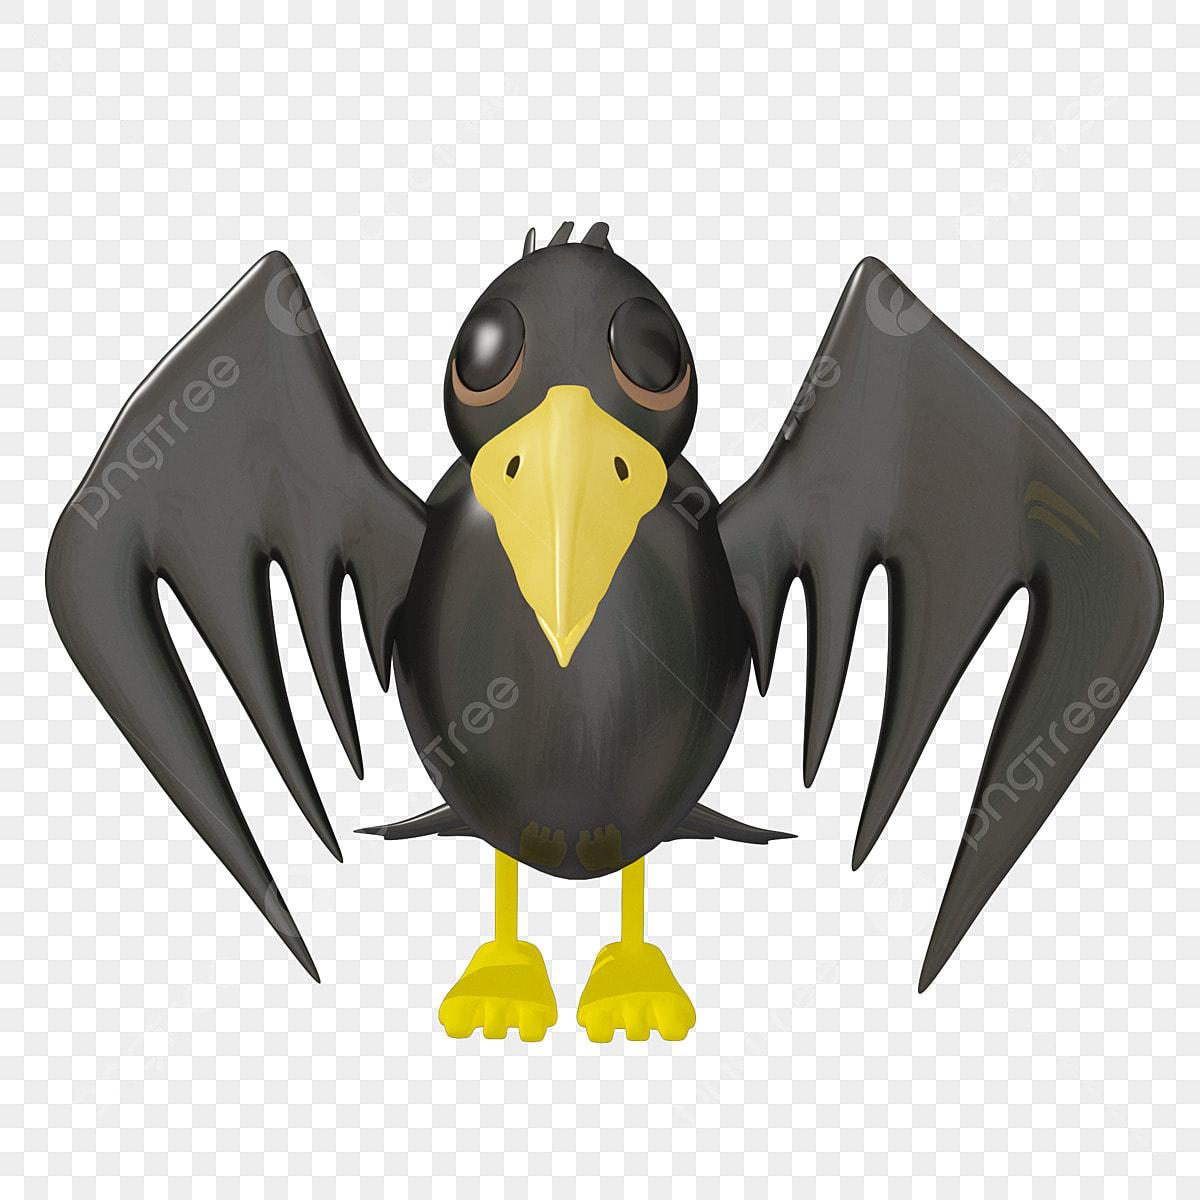 Gambar Halloween C4d Kartun Gagak Hitam Syaitan Gagak Kartun Black Png Dan Psd Untuk Muat Turun Percuma